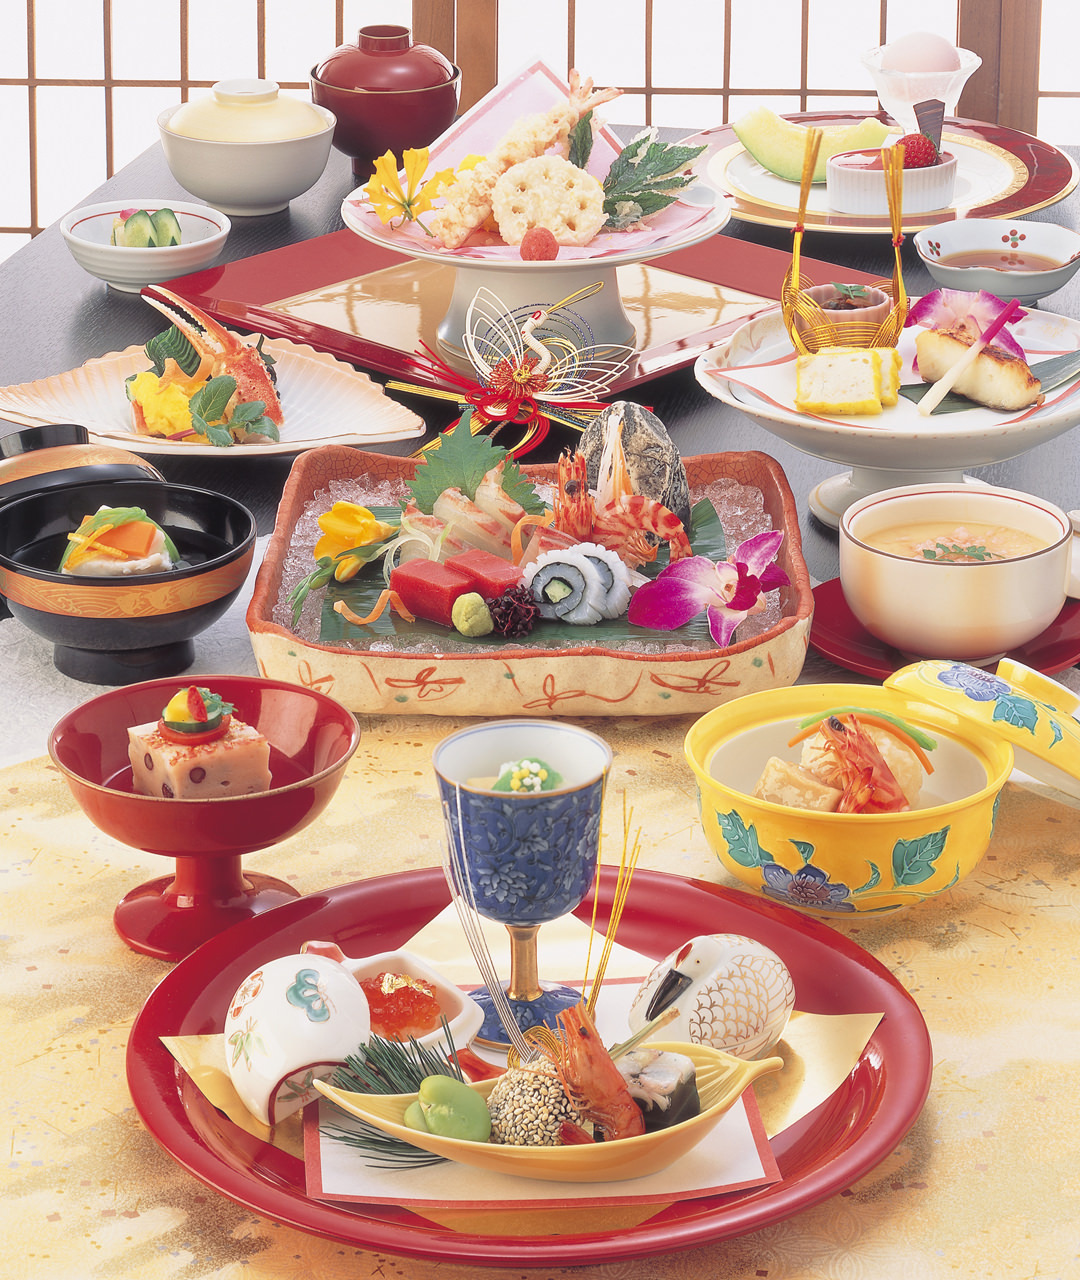 路 浜松 木曽 木曽路 浜松柳通店 ランチは意外に安くて満足感あり!すきやき定食で舌鼓。